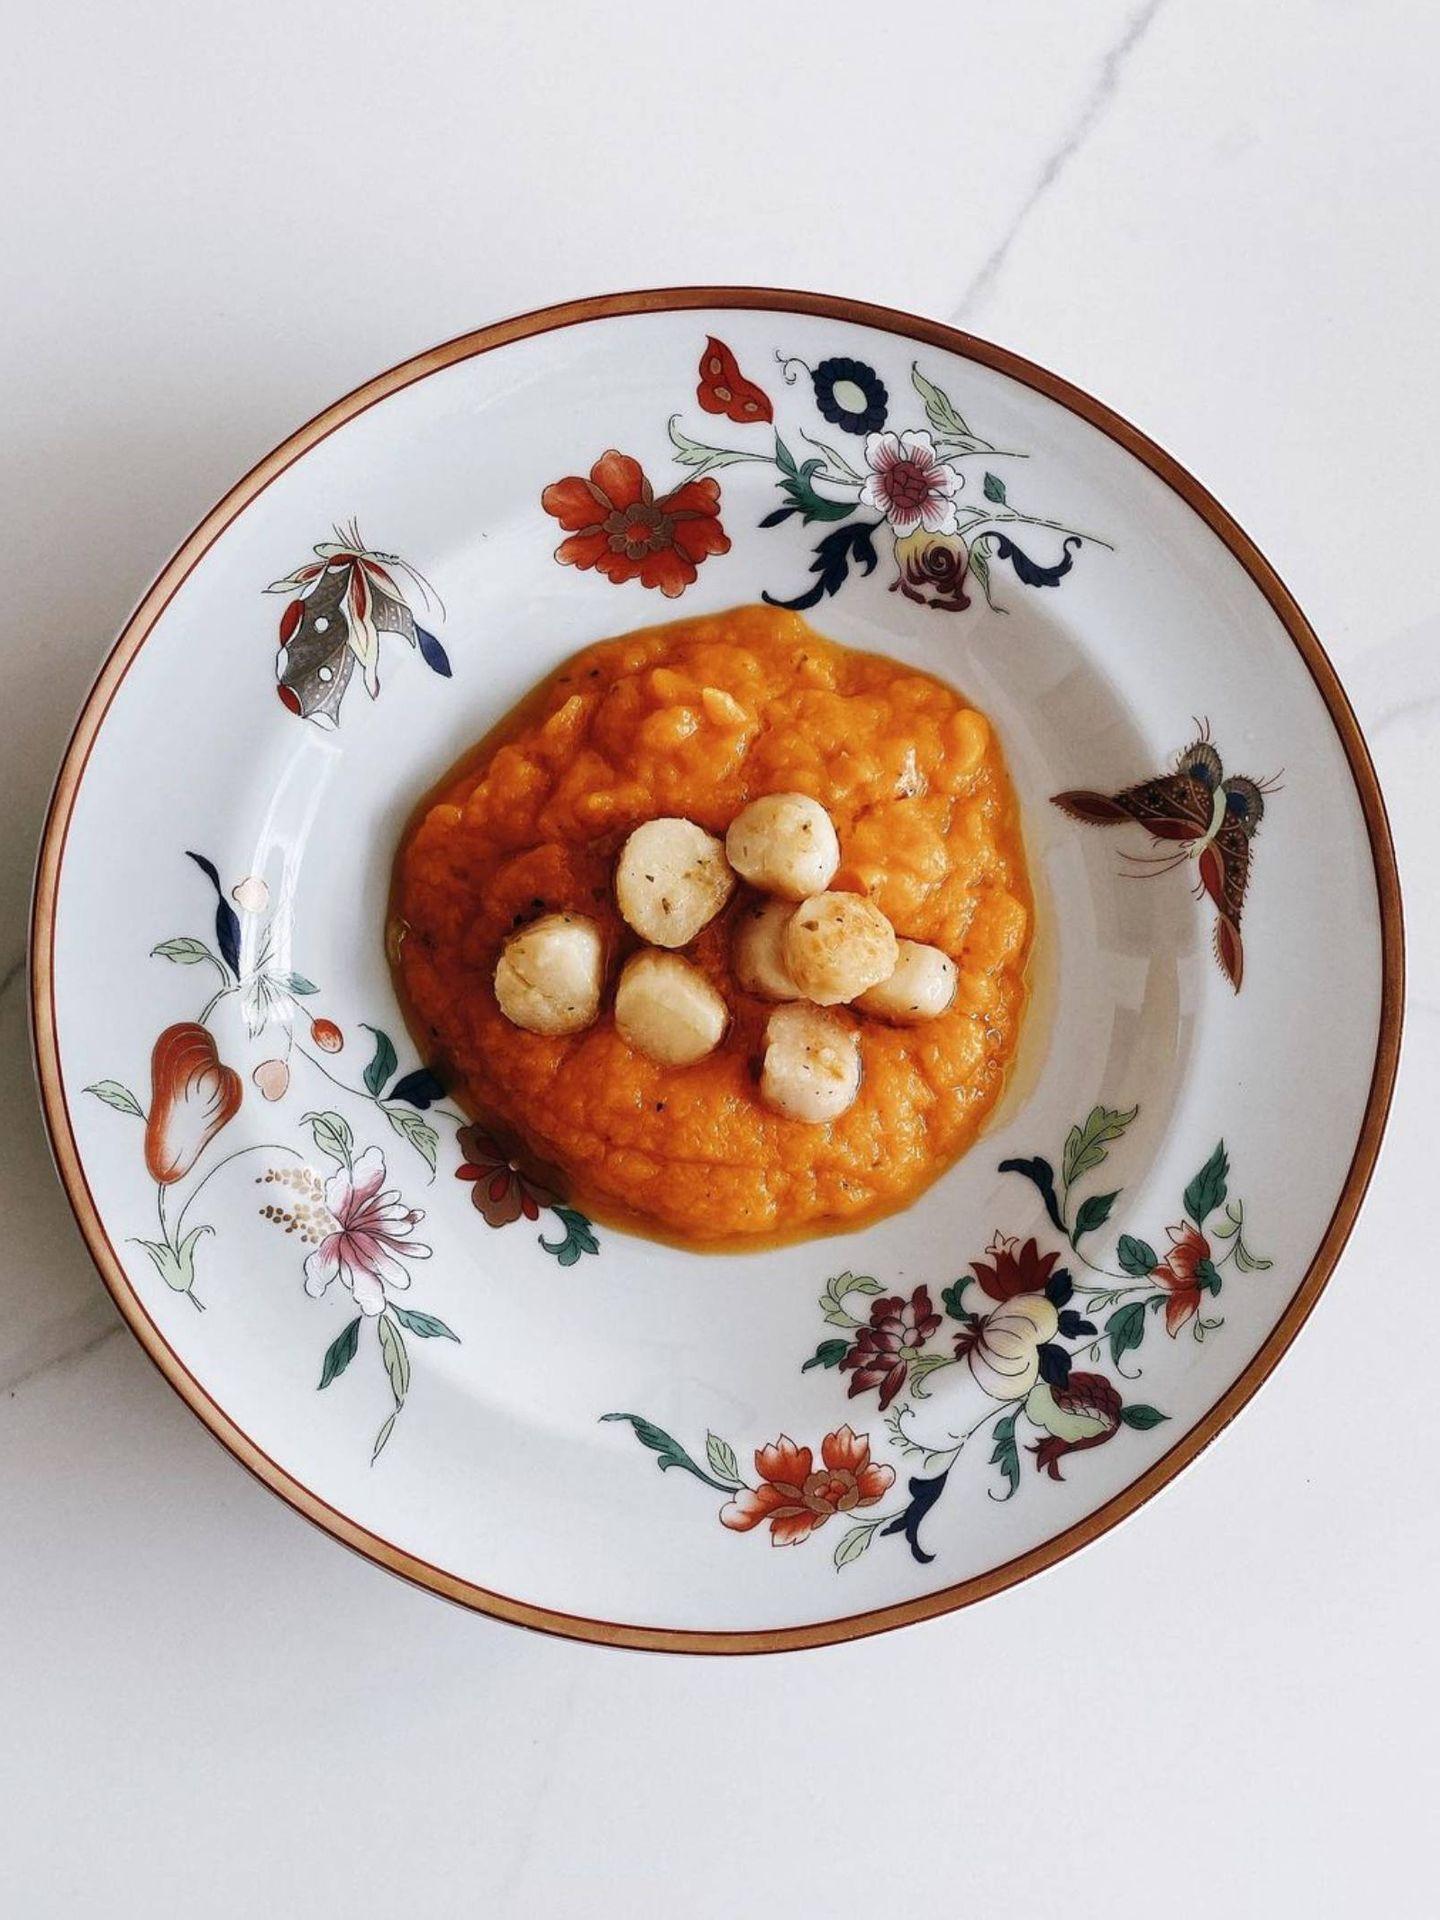 Eugenia Osborne nos enseña una receta sencilla y rápida. (Instagram @eugenia_osborne)